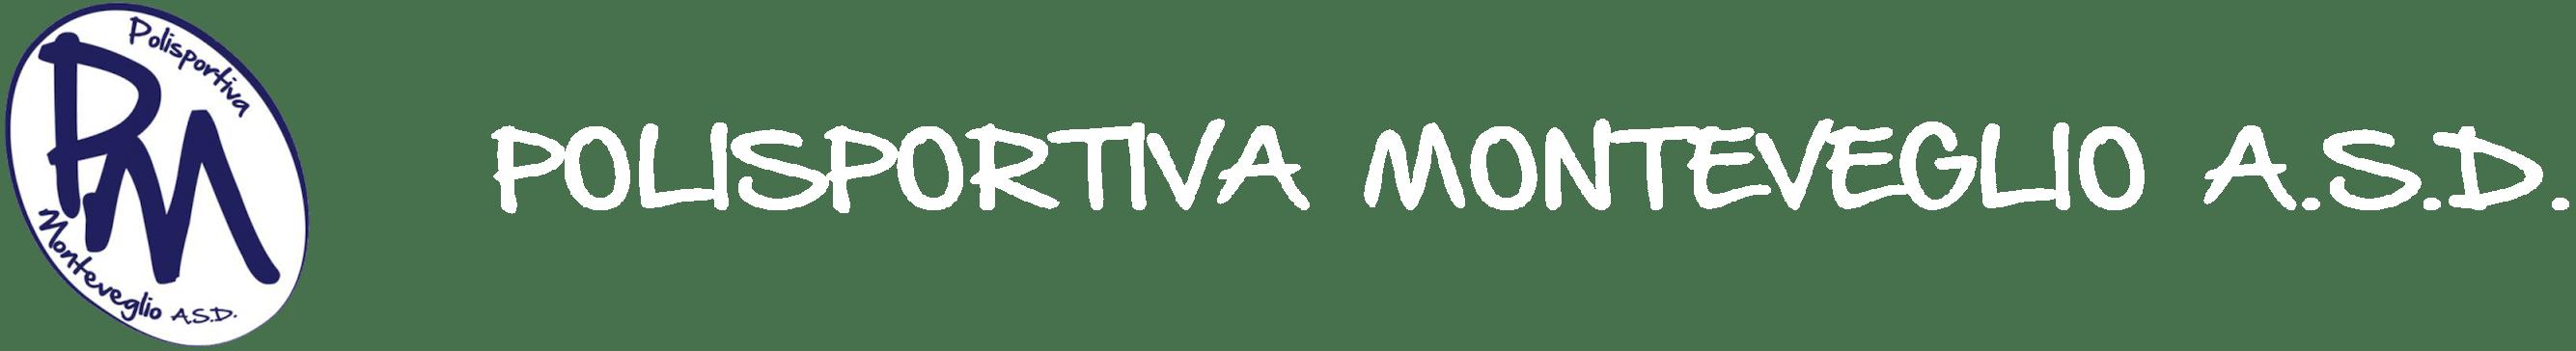 nuovo-logo3-min-1-1-min